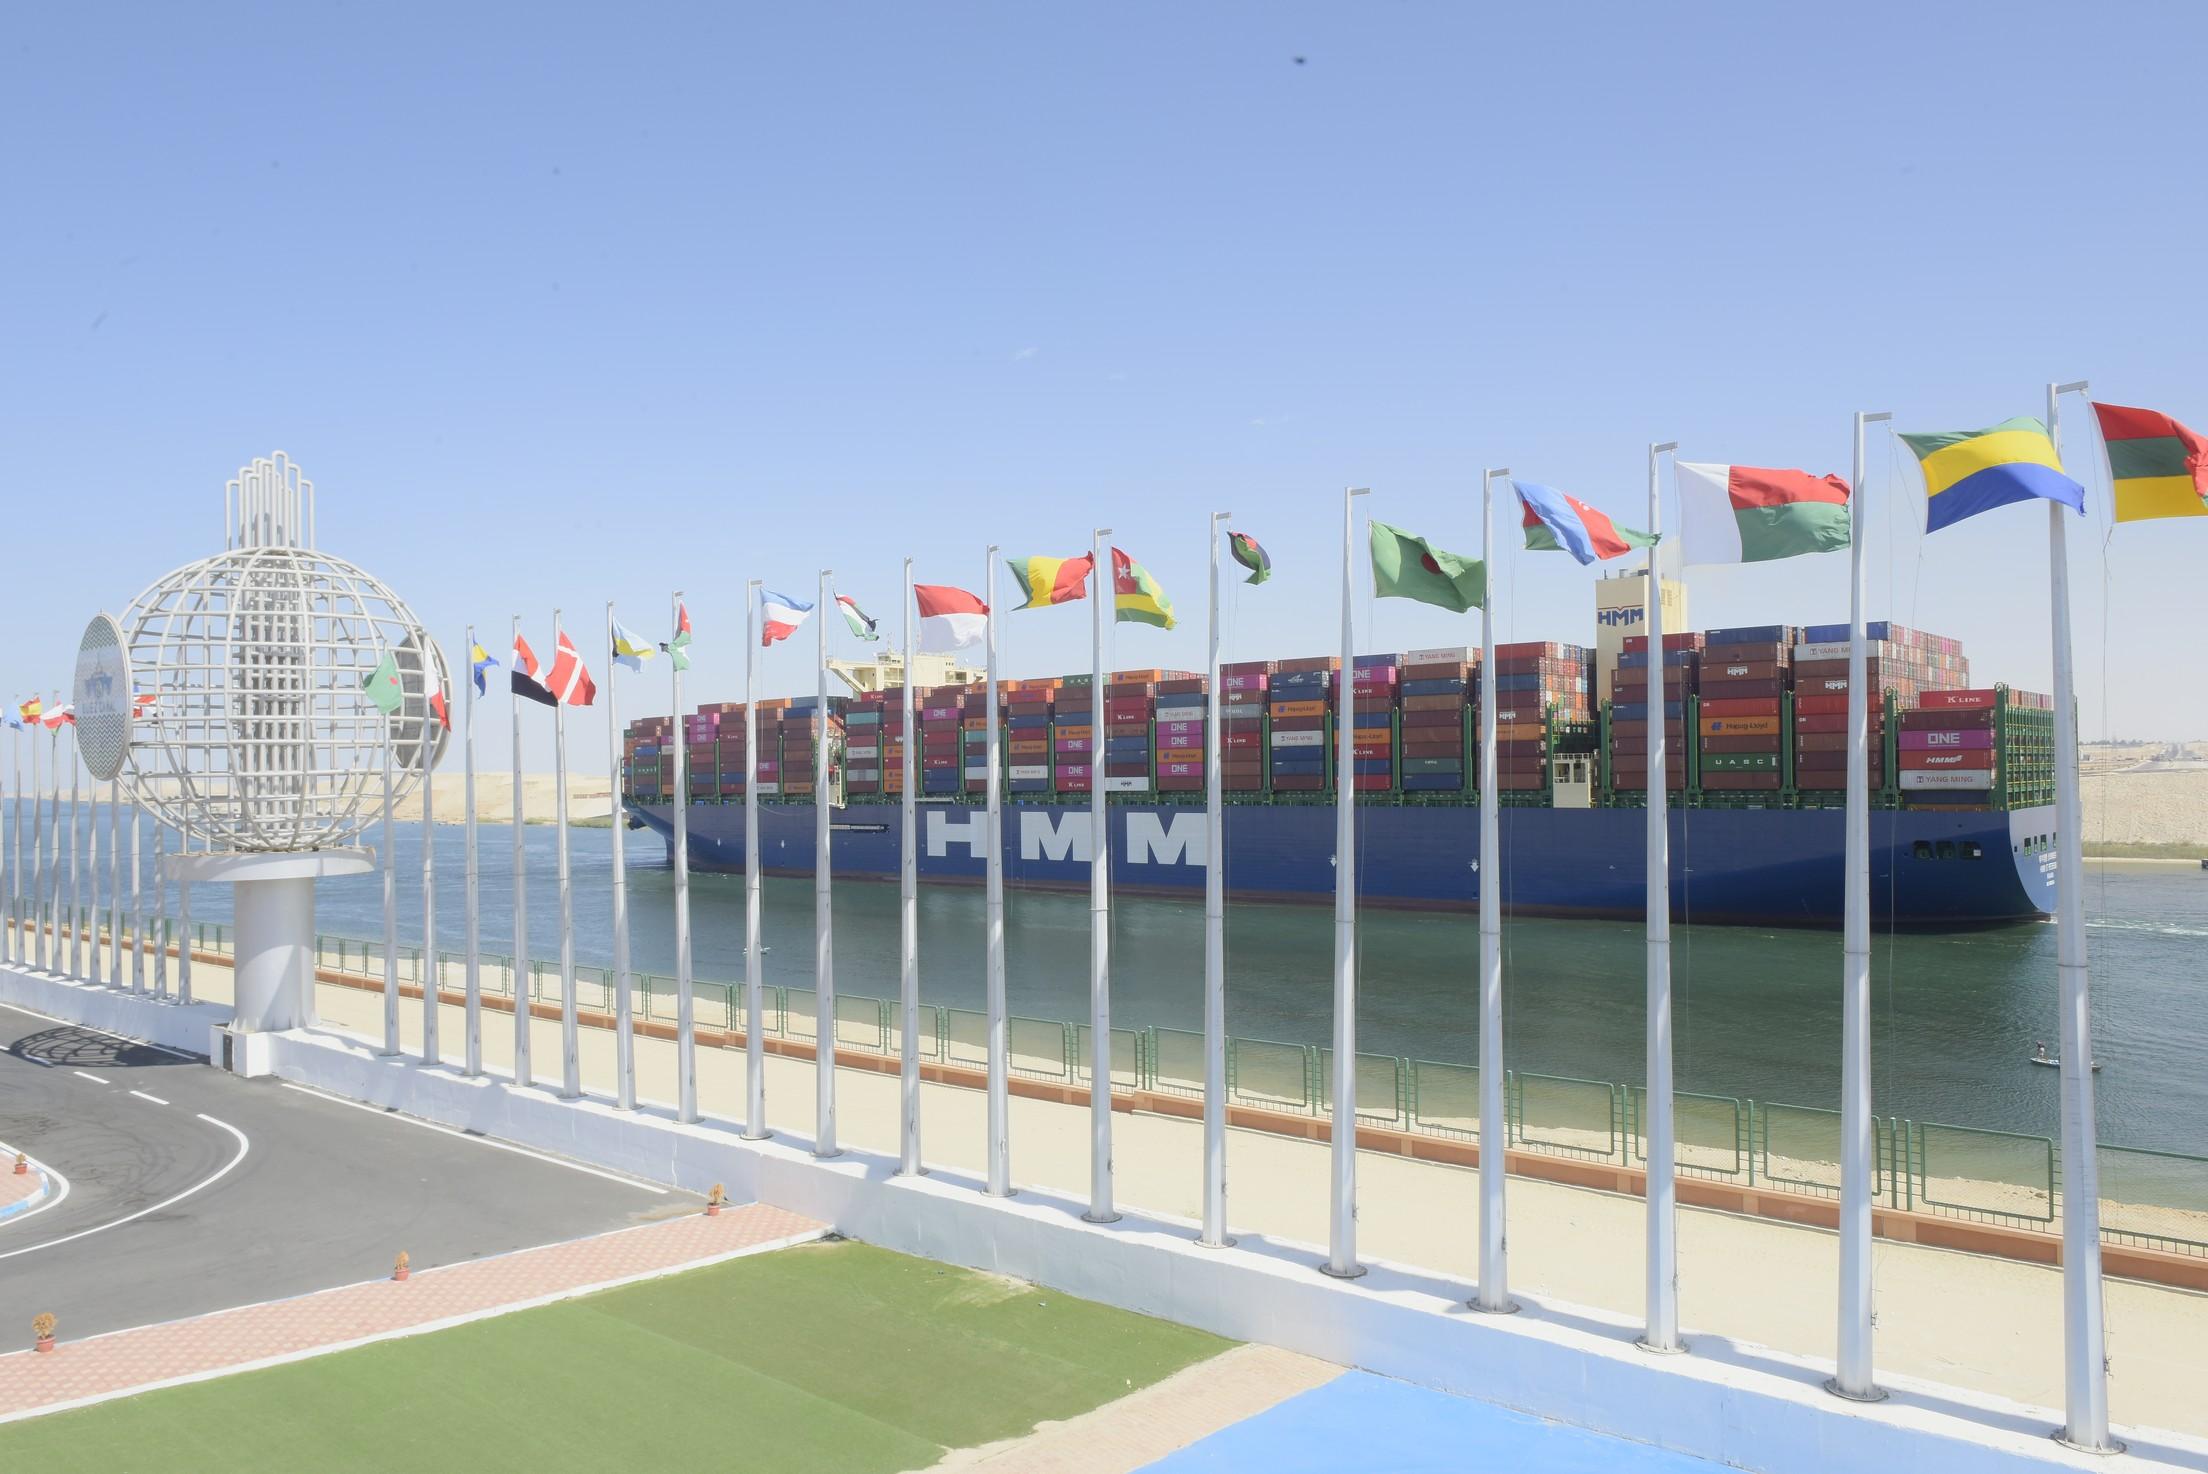 صور | قناة السويس الجديدة تشهد العبور الأول لثاني أكبر سفينة حاويات بالعالم